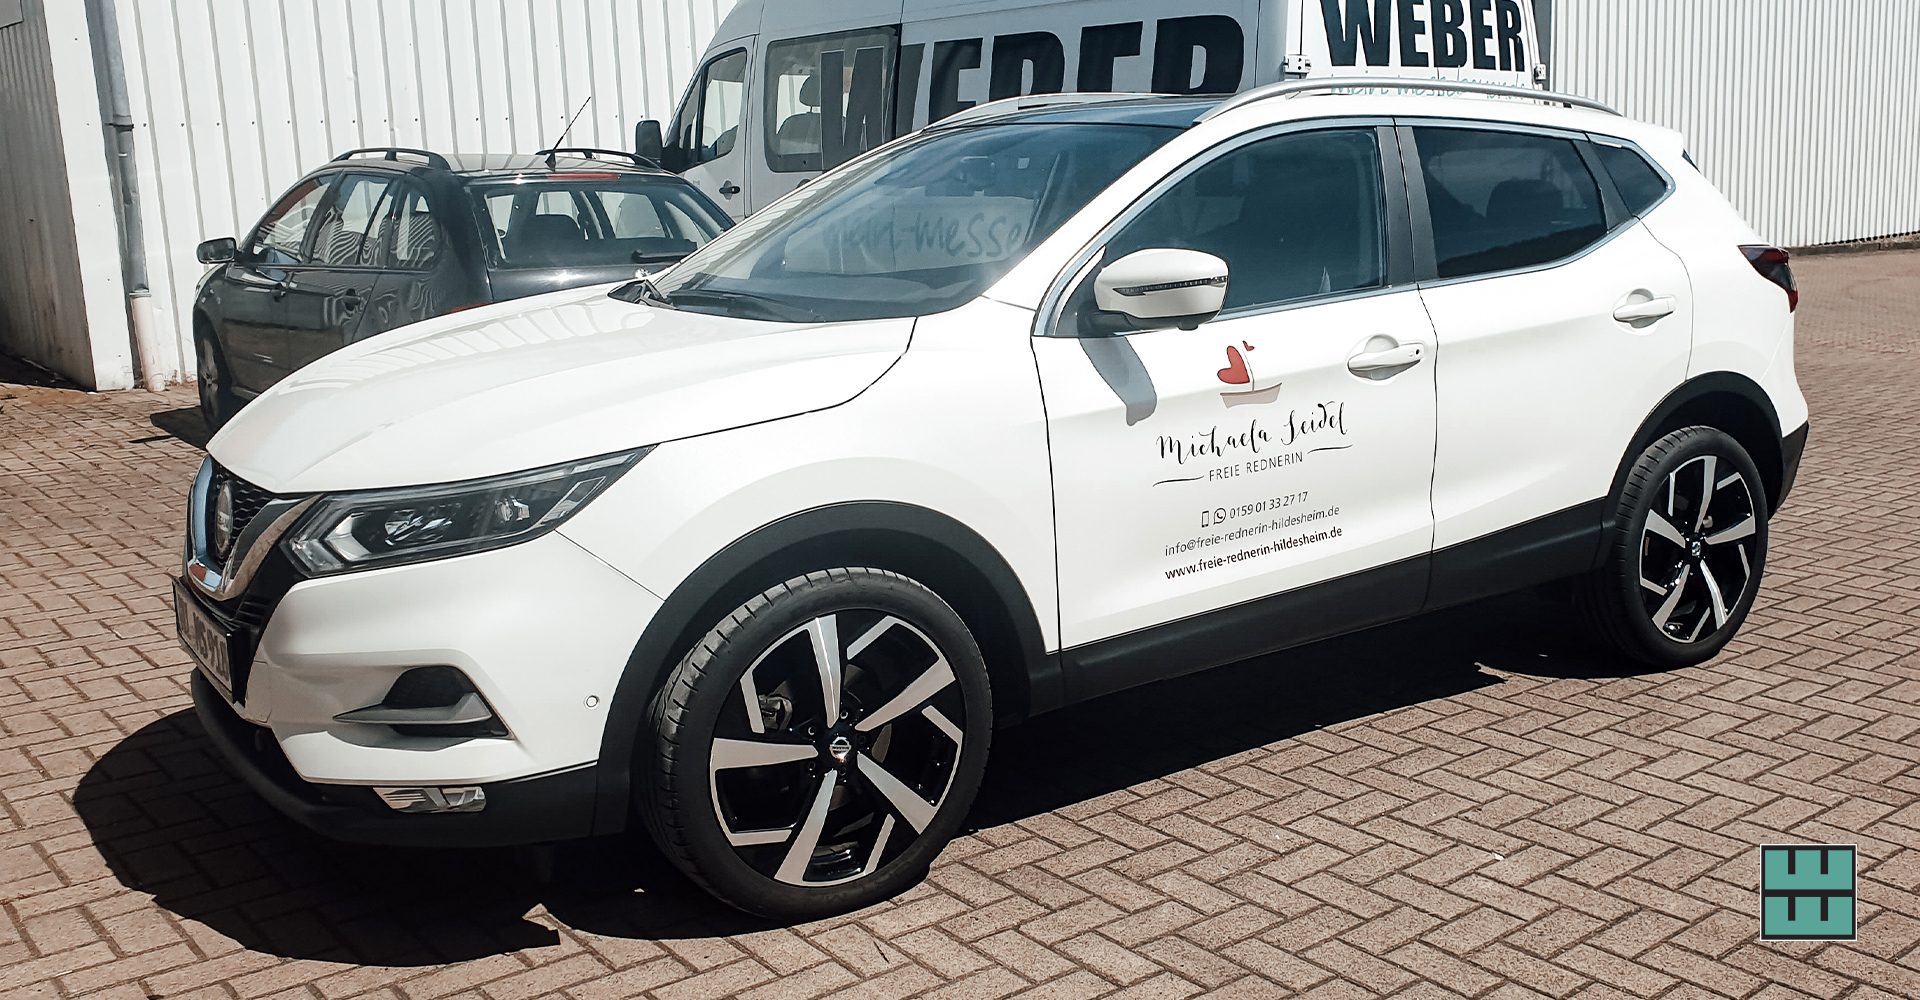 Für die Freie Rednerin Michaela Seidel haben wir bereits im Sommer 2020 ihr Auto beklebt. Ihr Logo sieht auf dem weißen Auto einfach klasse aus!